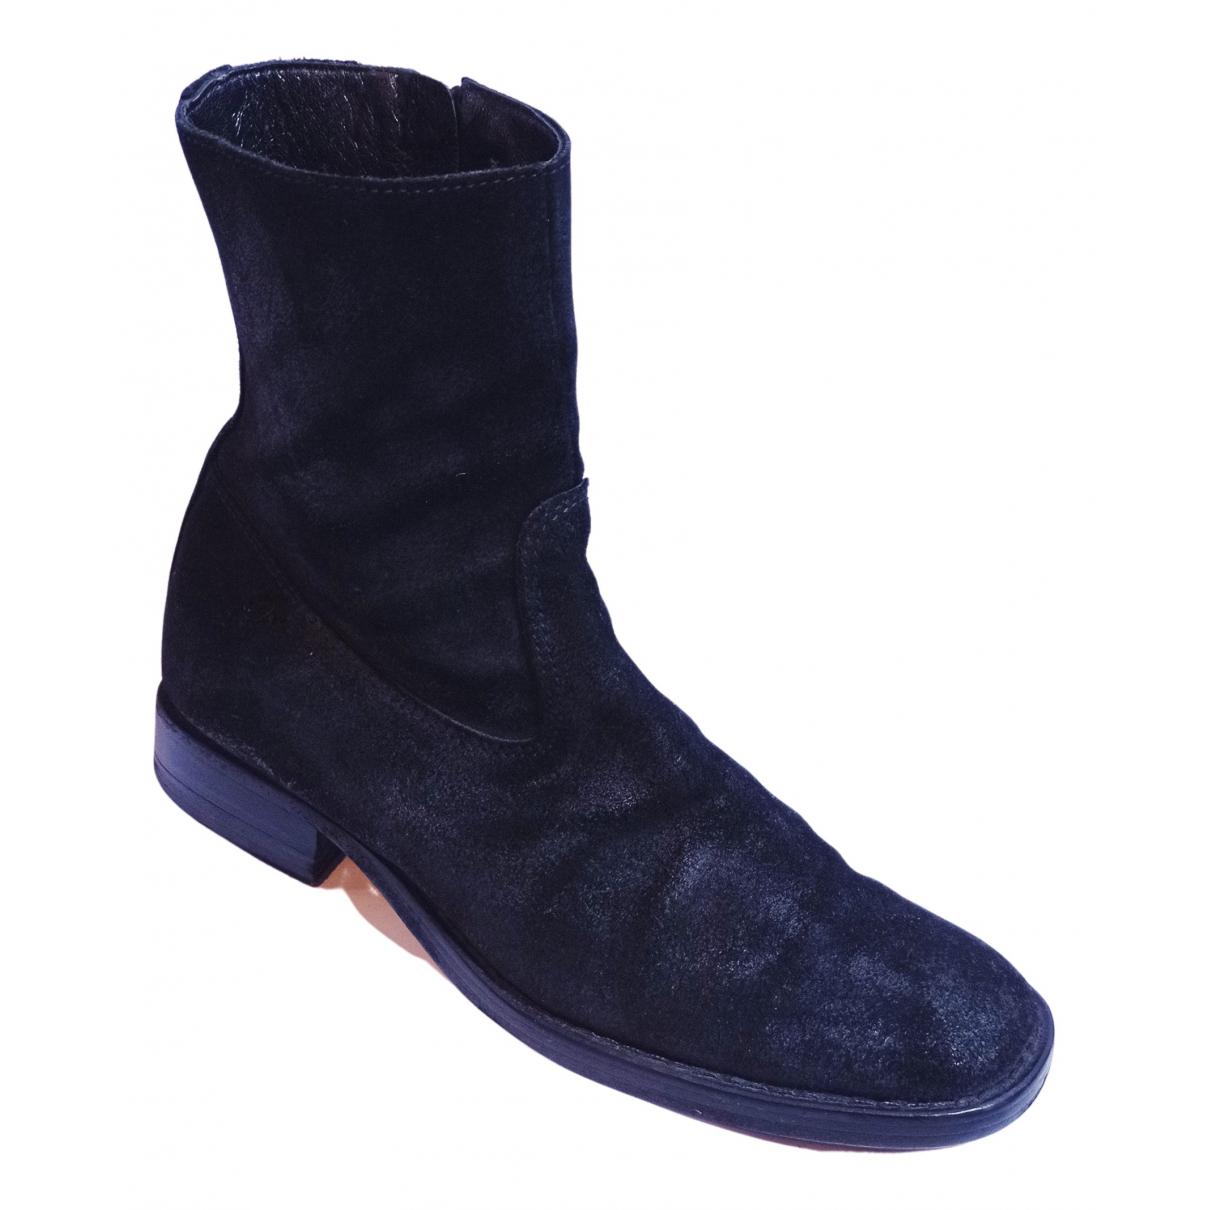 Ann Demeulemeester - Boots   pour femme en suede - noir